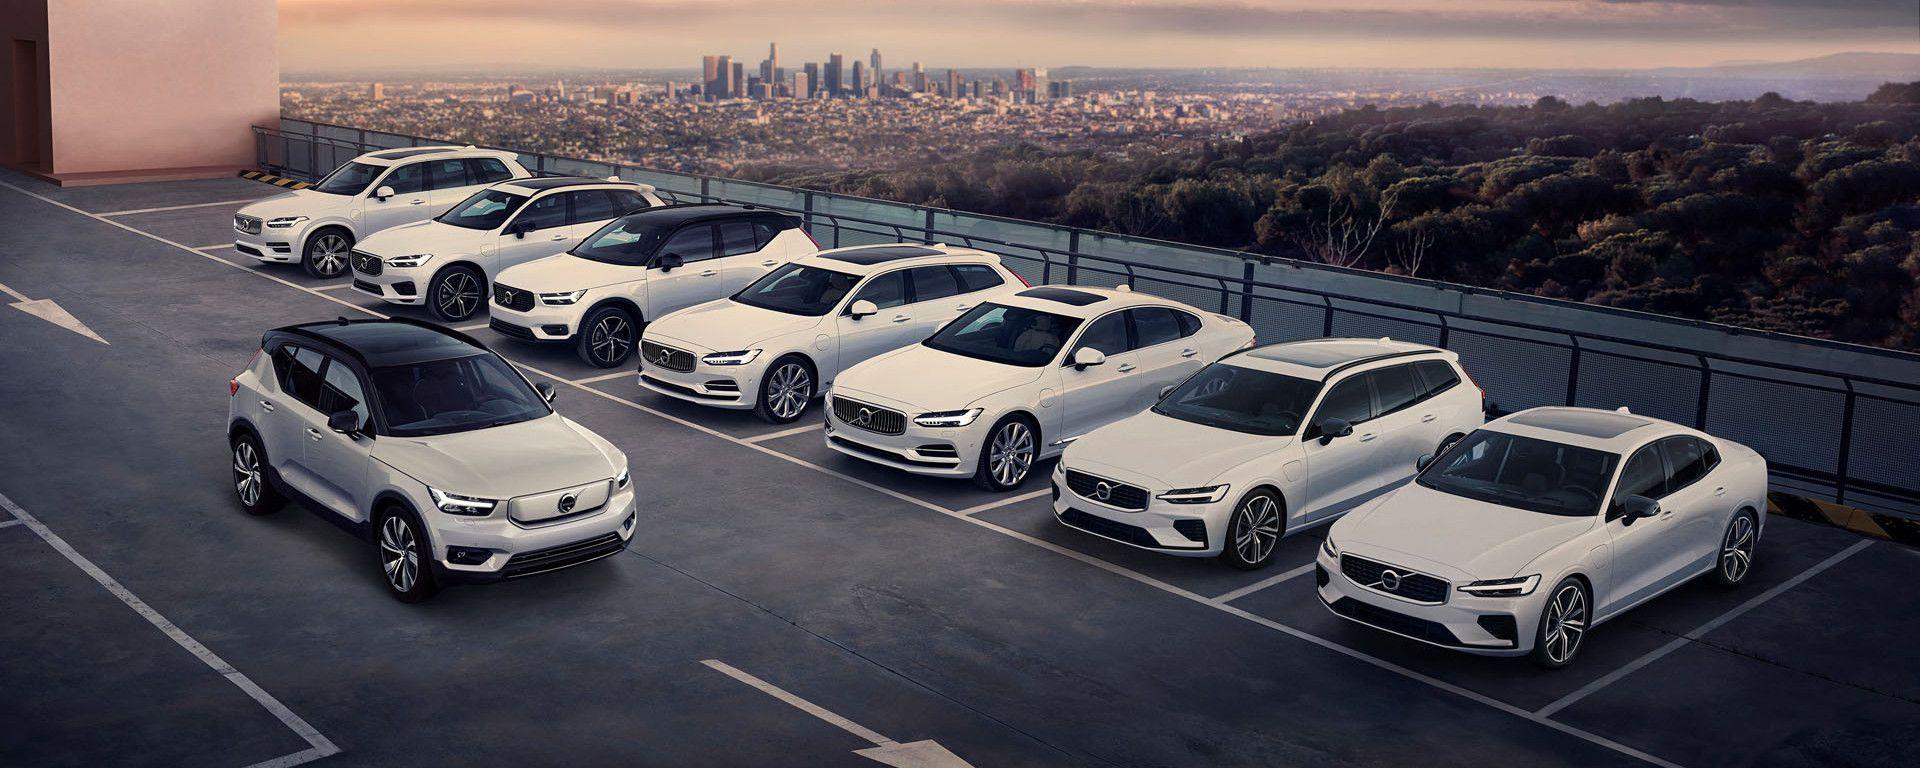 Volvo annuncia i suoi obiettivi ecologici da qui al 2040